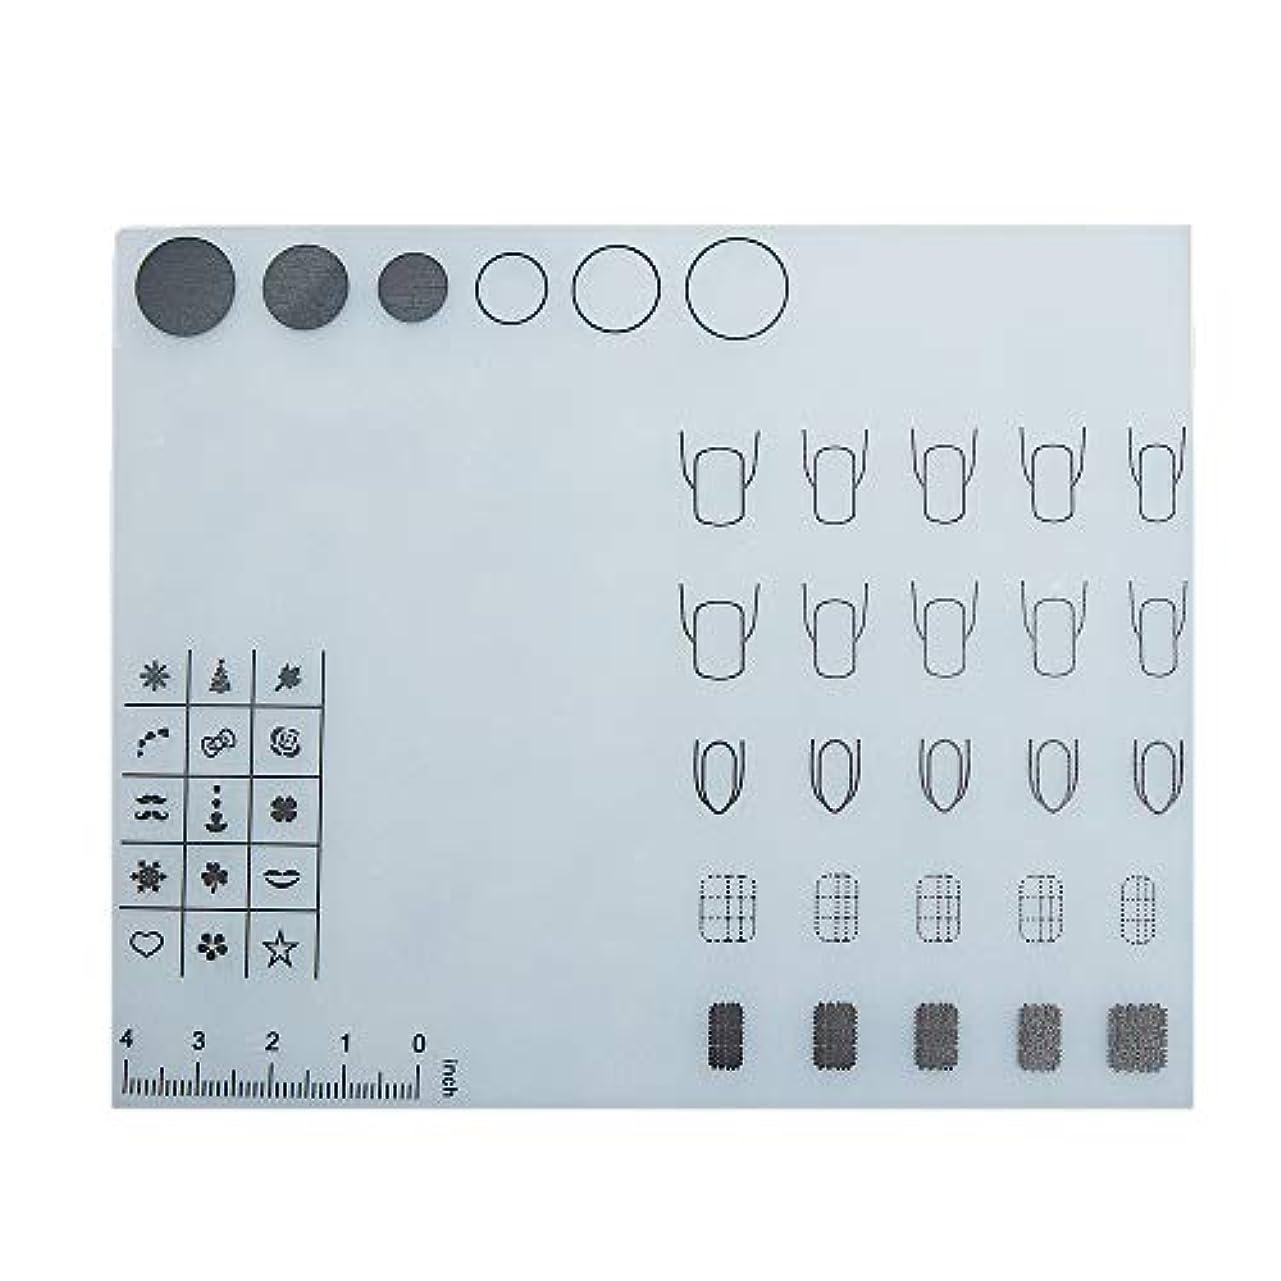 ペンダント整理する存在するDecdeal ネイルアートテーブルマット 折り畳み式パッド マニキュアクッション ミニ シリコーン ウォッシャブル ひじかけ マニキュアツール